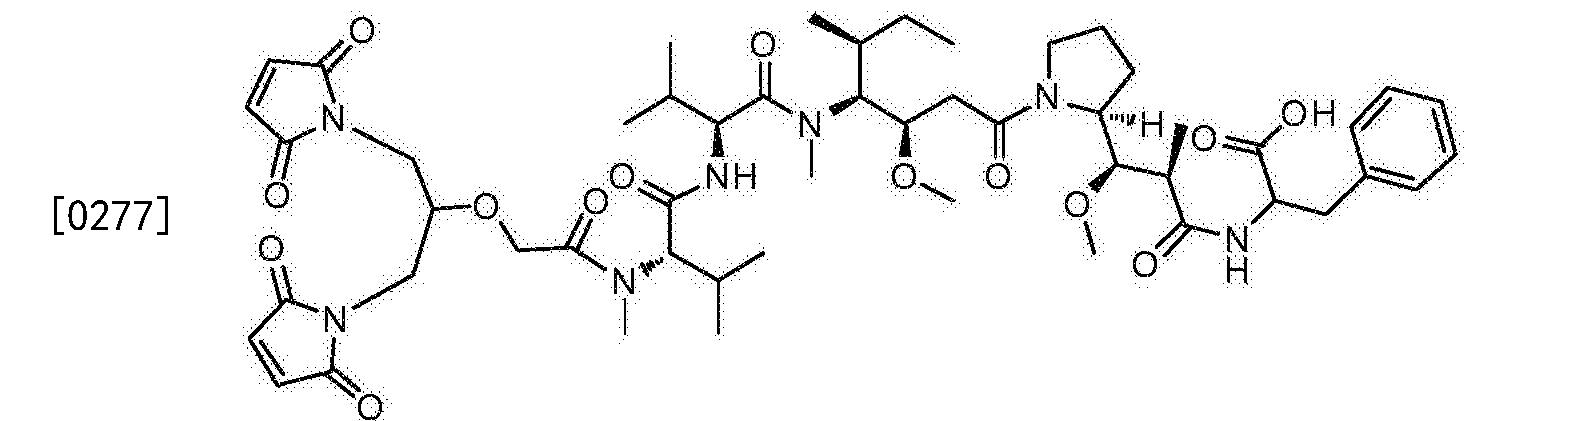 Figure CN103933575BD00333